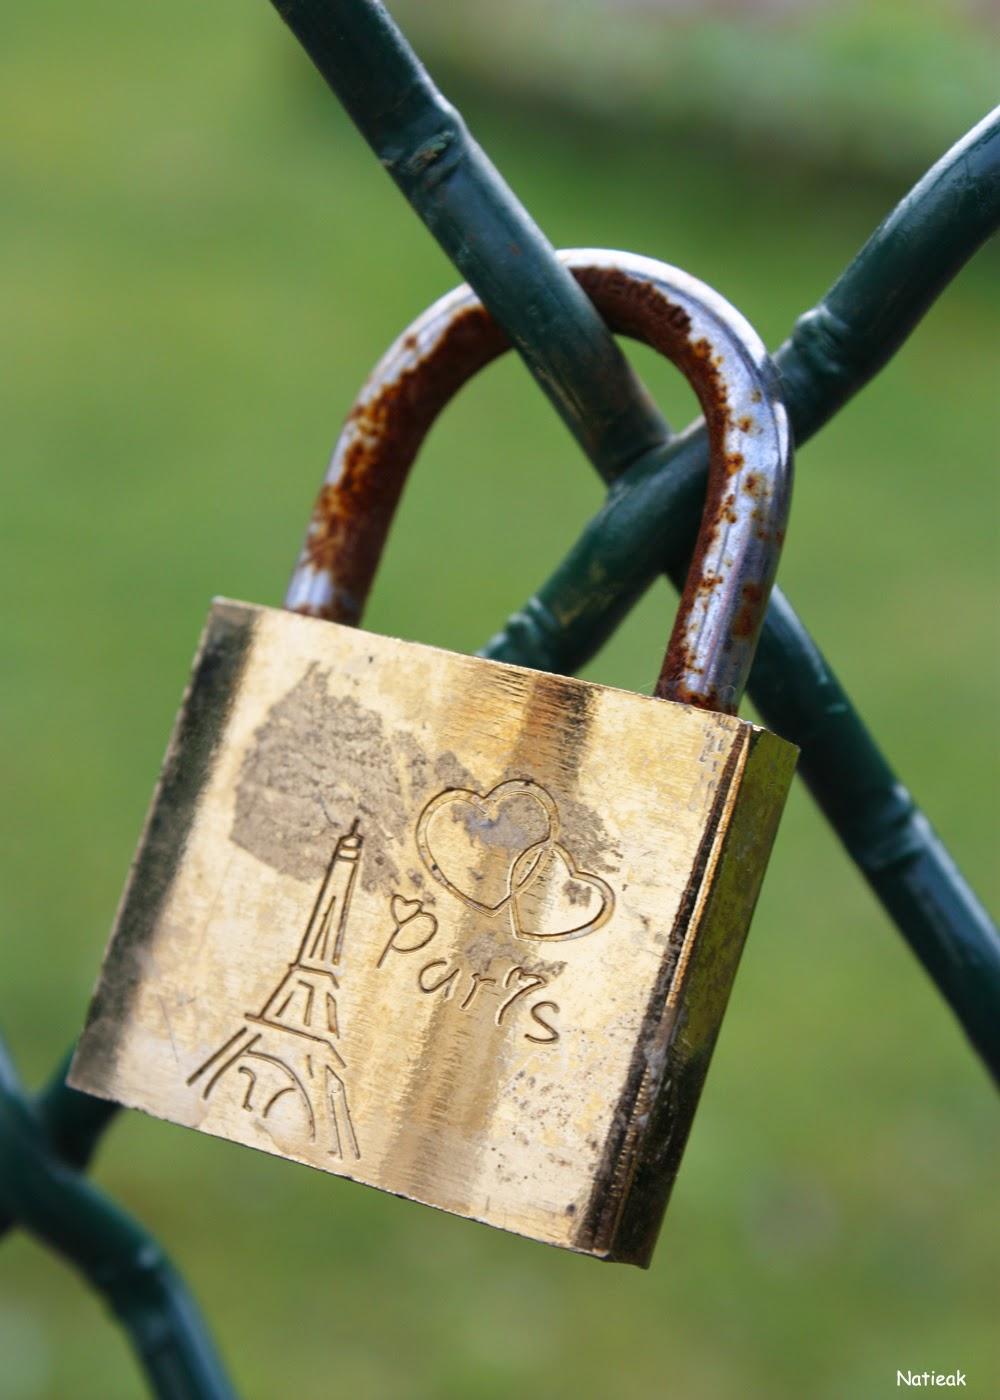 Les cadenas de l'amour du Trocadéro